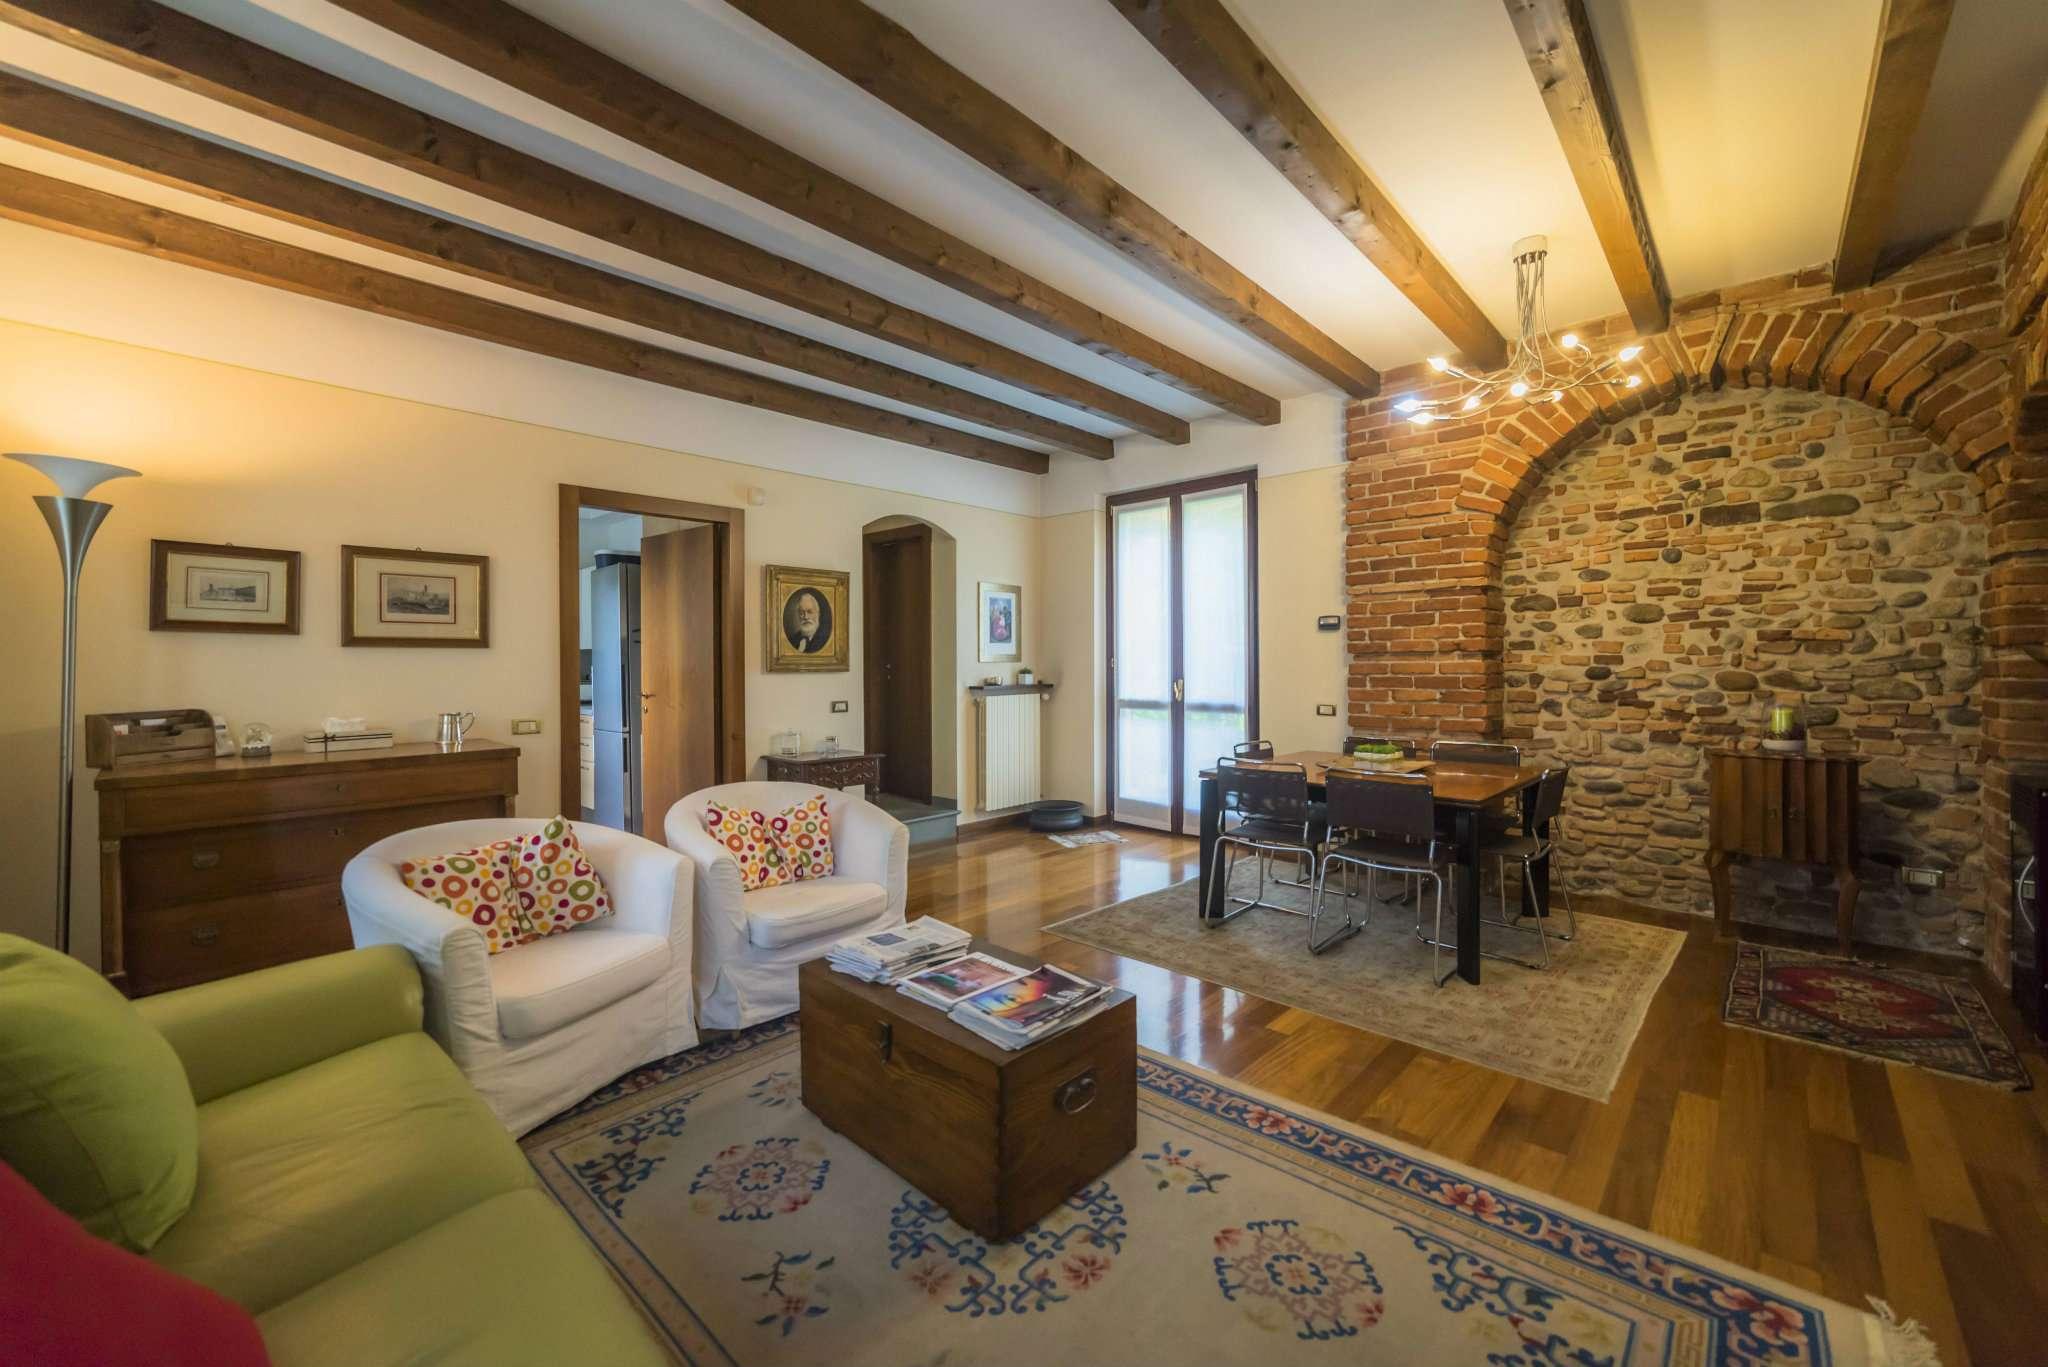 Appartamento in vendita a Treviolo, 6 locali, prezzo € 420.000 | CambioCasa.it